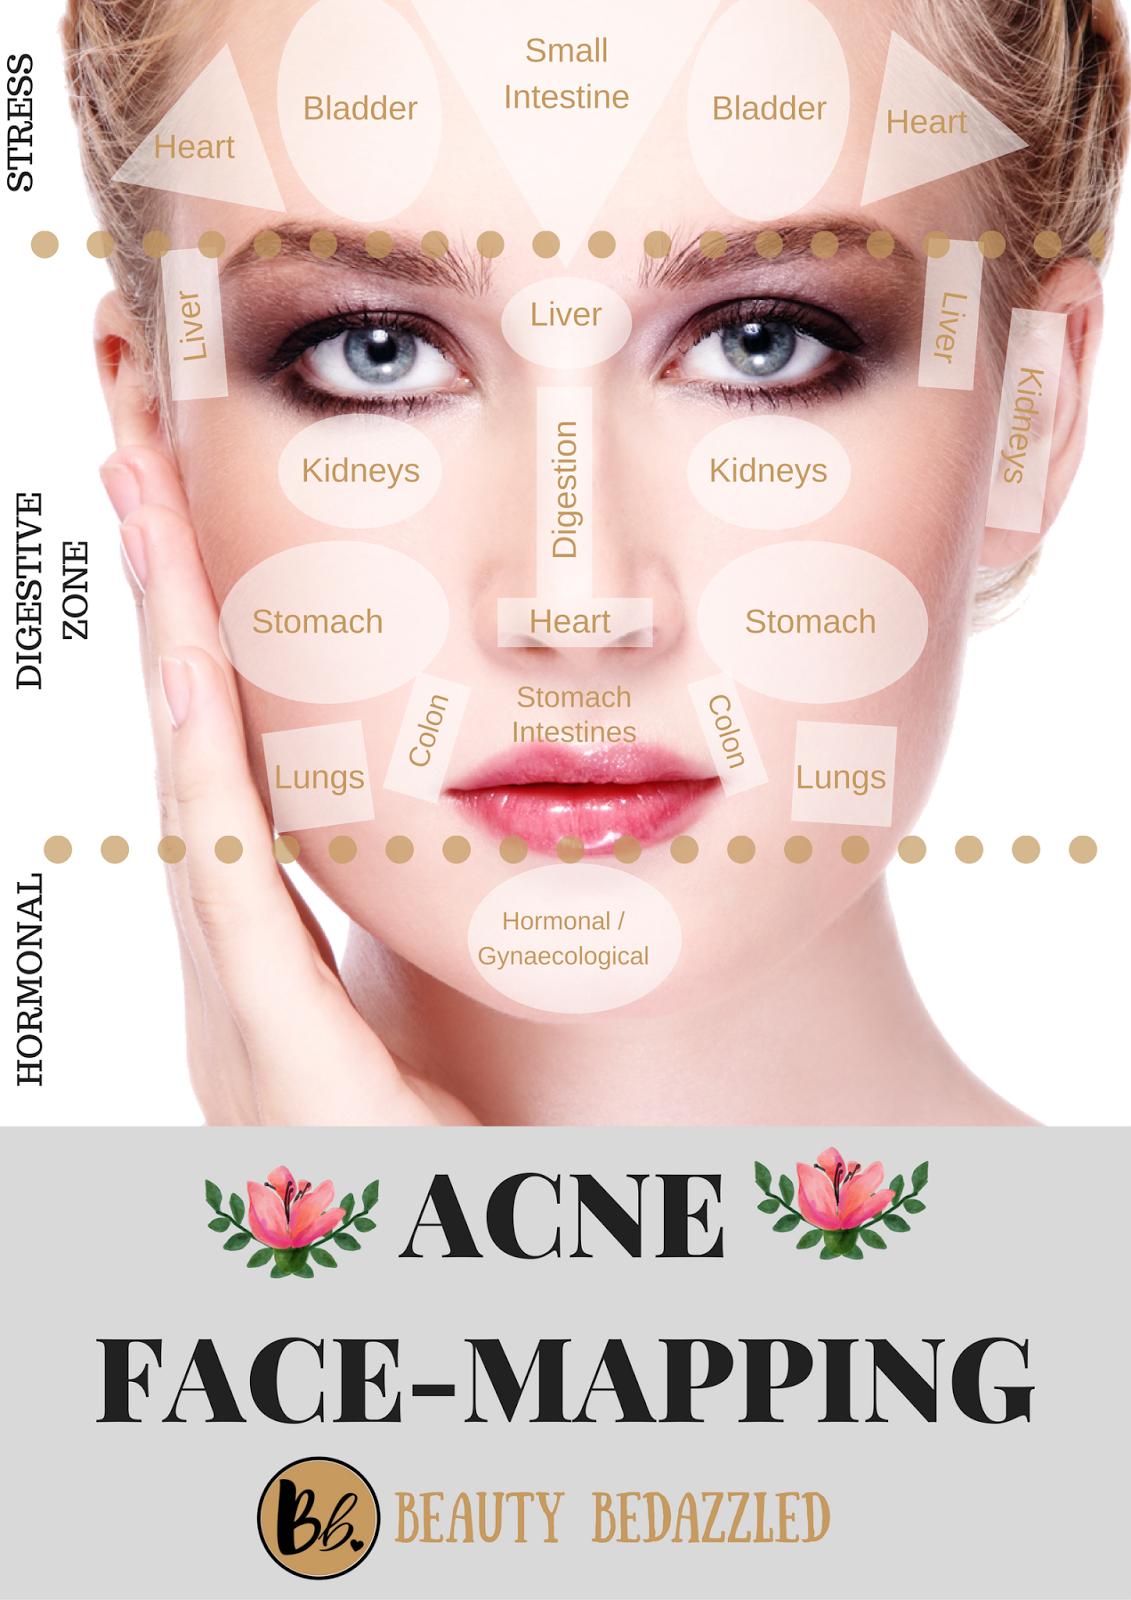 acne diagram face wiring diagrams stress acne diagram acne diagram face [ 1131 x 1600 Pixel ]